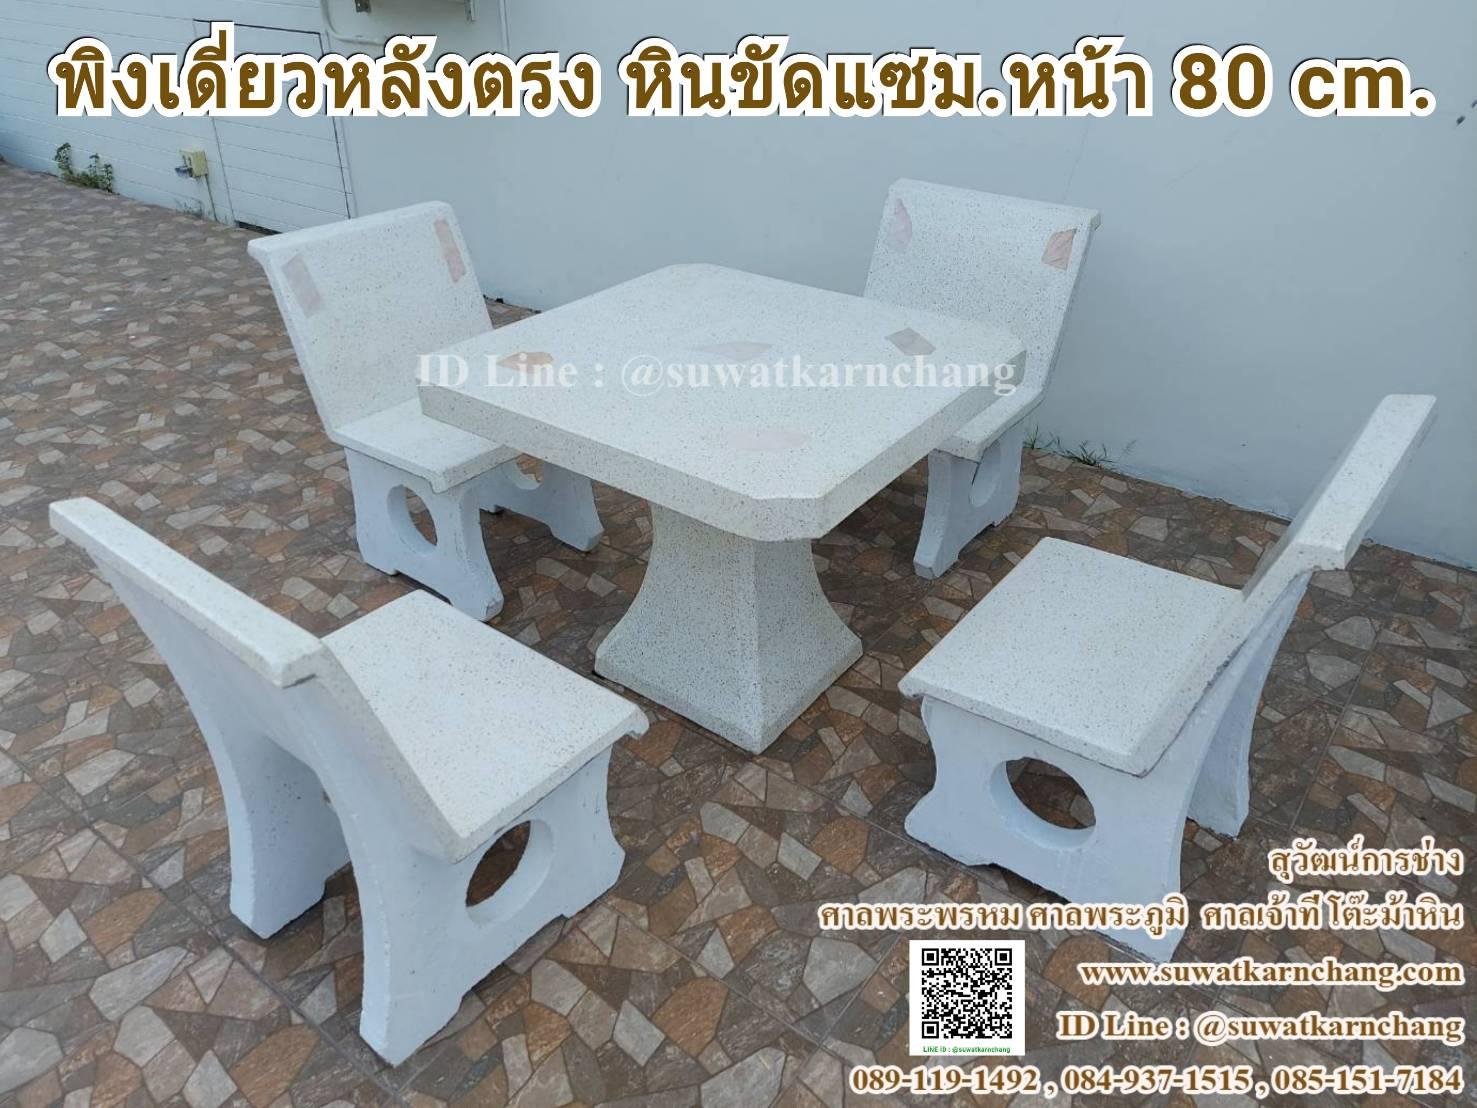 โต๊ะพิงเดี่ยวหลังตรง หินขัดแซม หน้า 80 ซม.